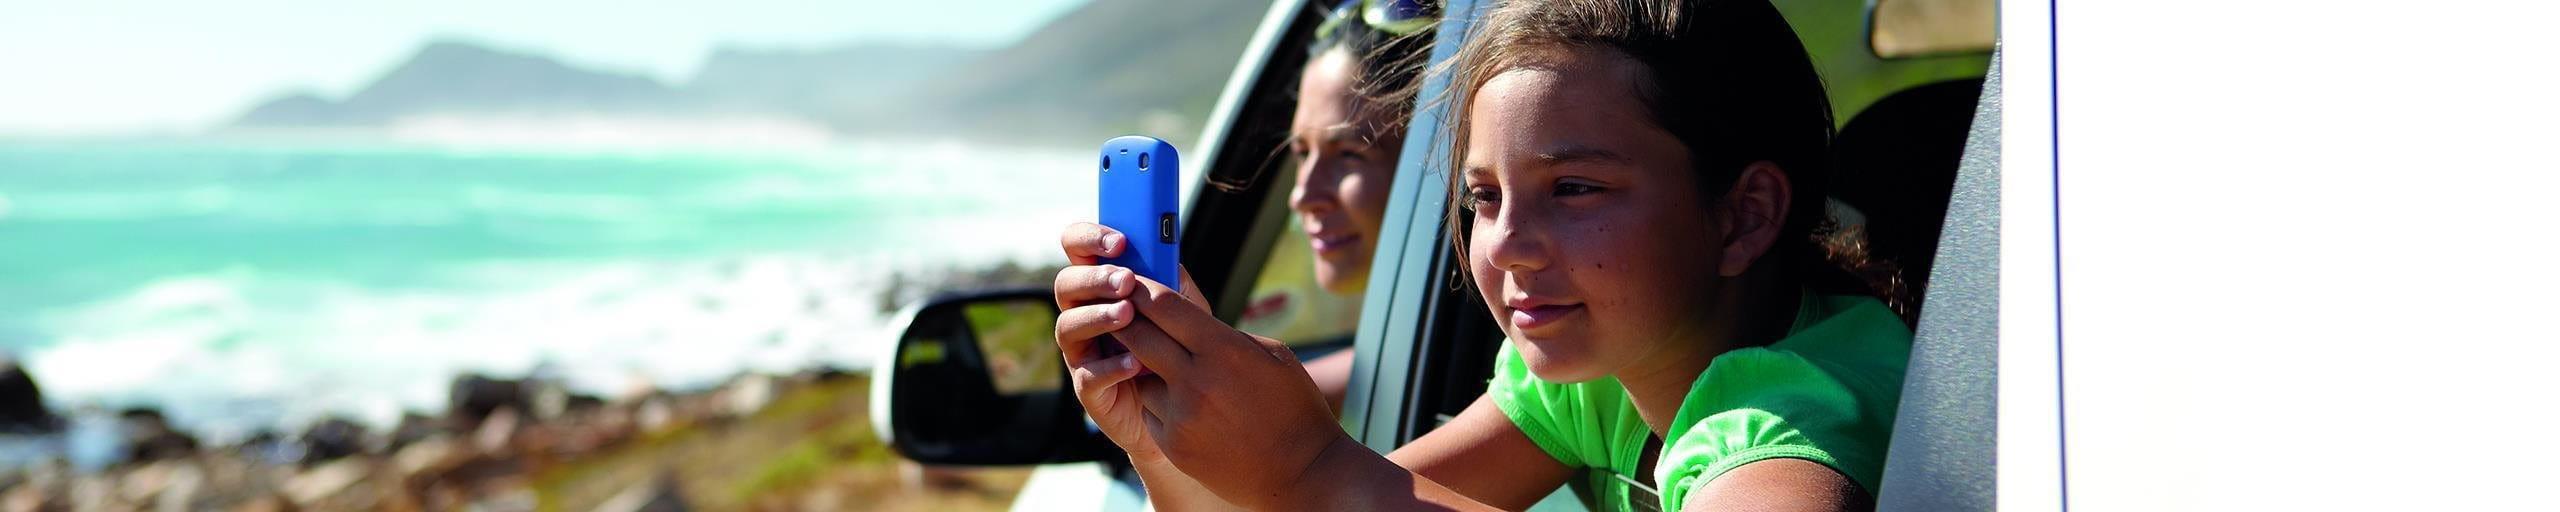 Kind mit Handy im Auto